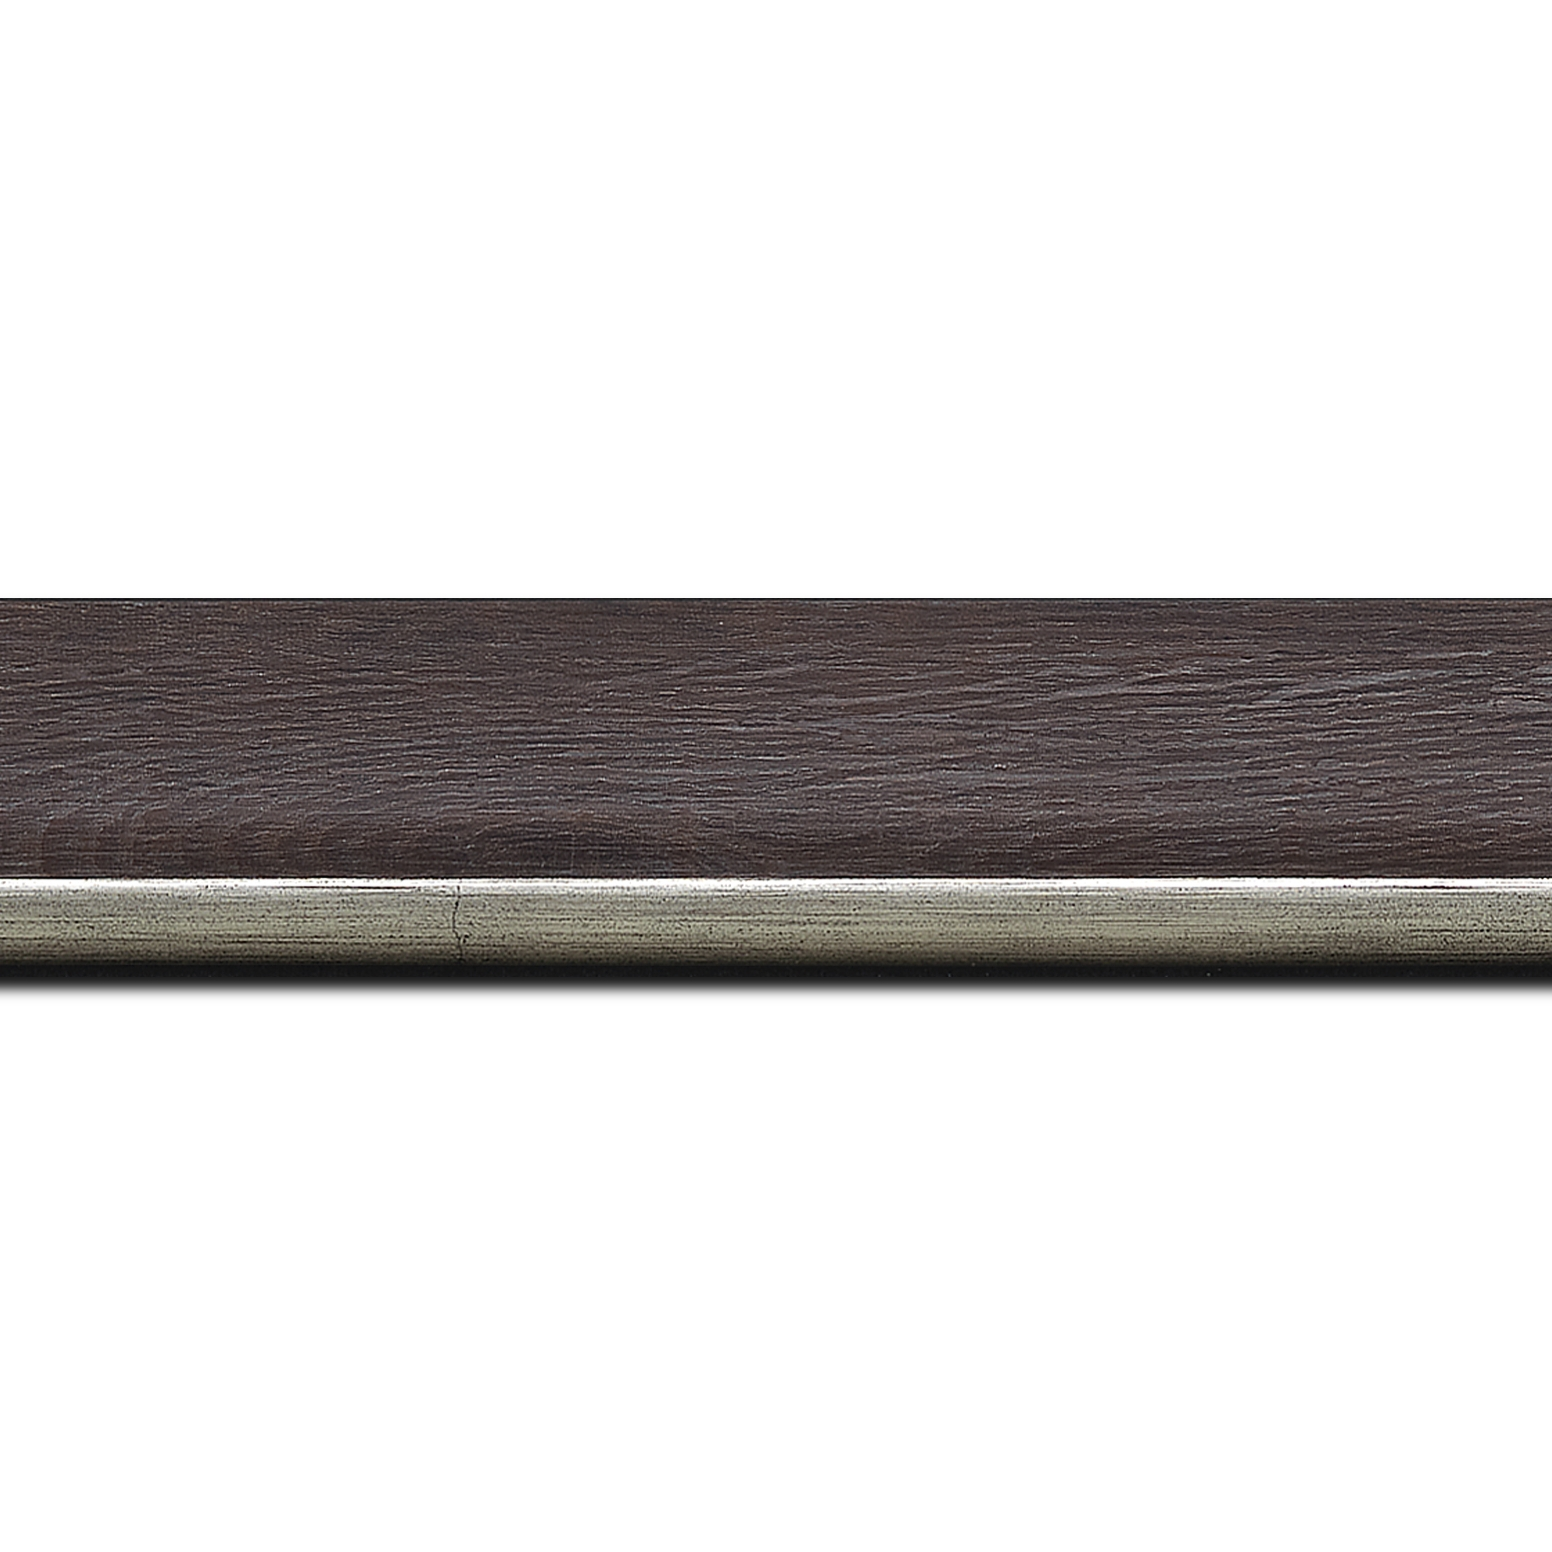 Baguette longueur 1.40m bois profil plat en pente largeur 3.5cm de couleur ton bois veiné teinté marron foncé filet argent chaud